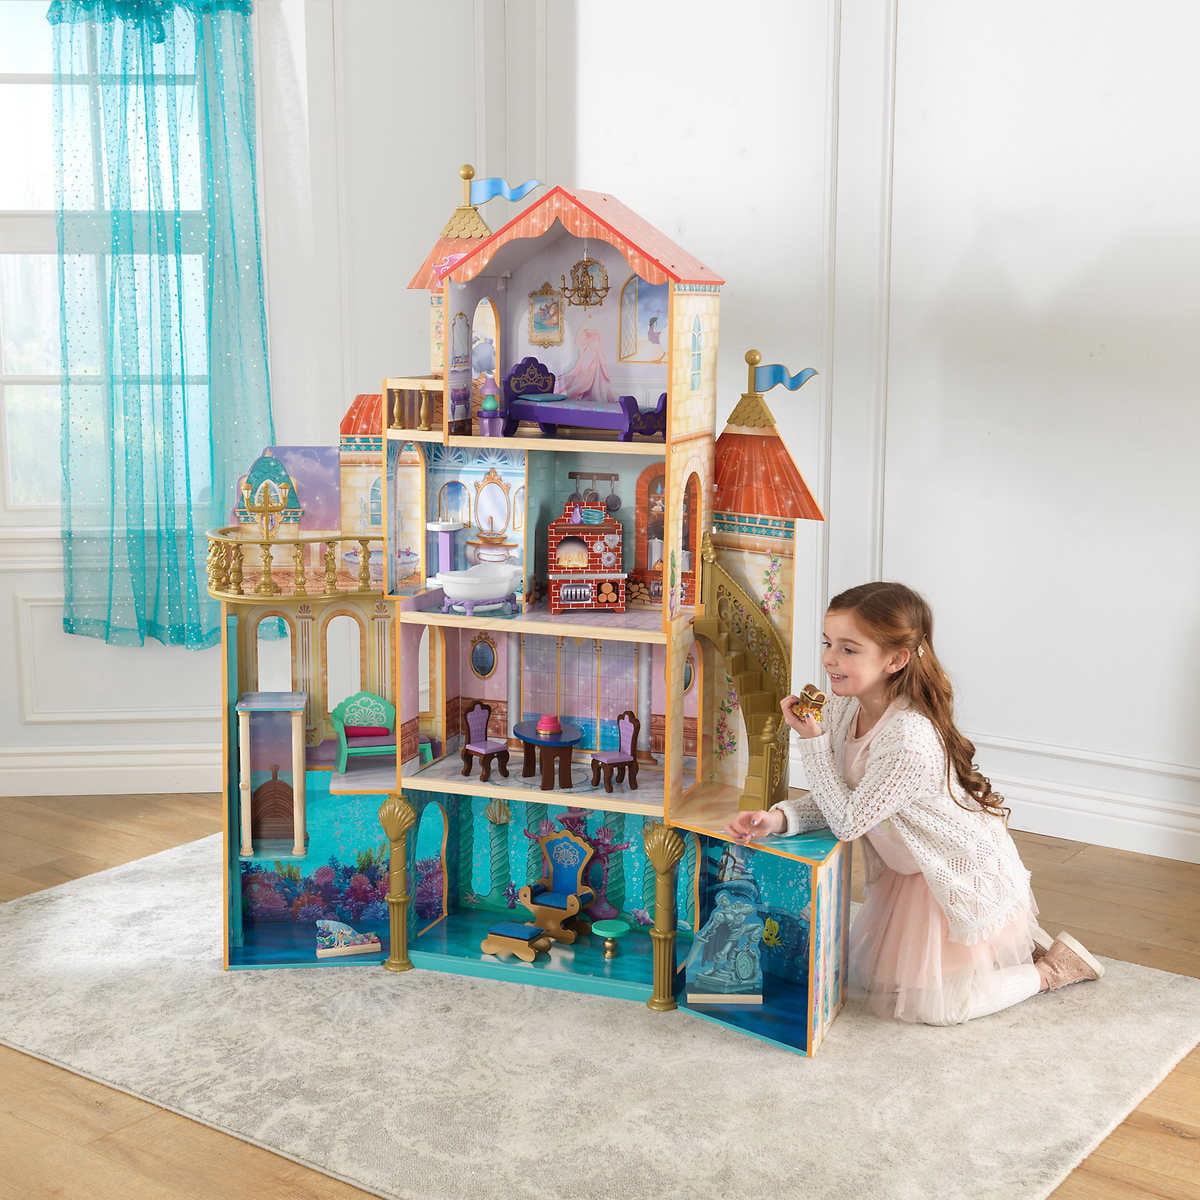 KidKraft Ariel Undersea Kingdom Dollhouse